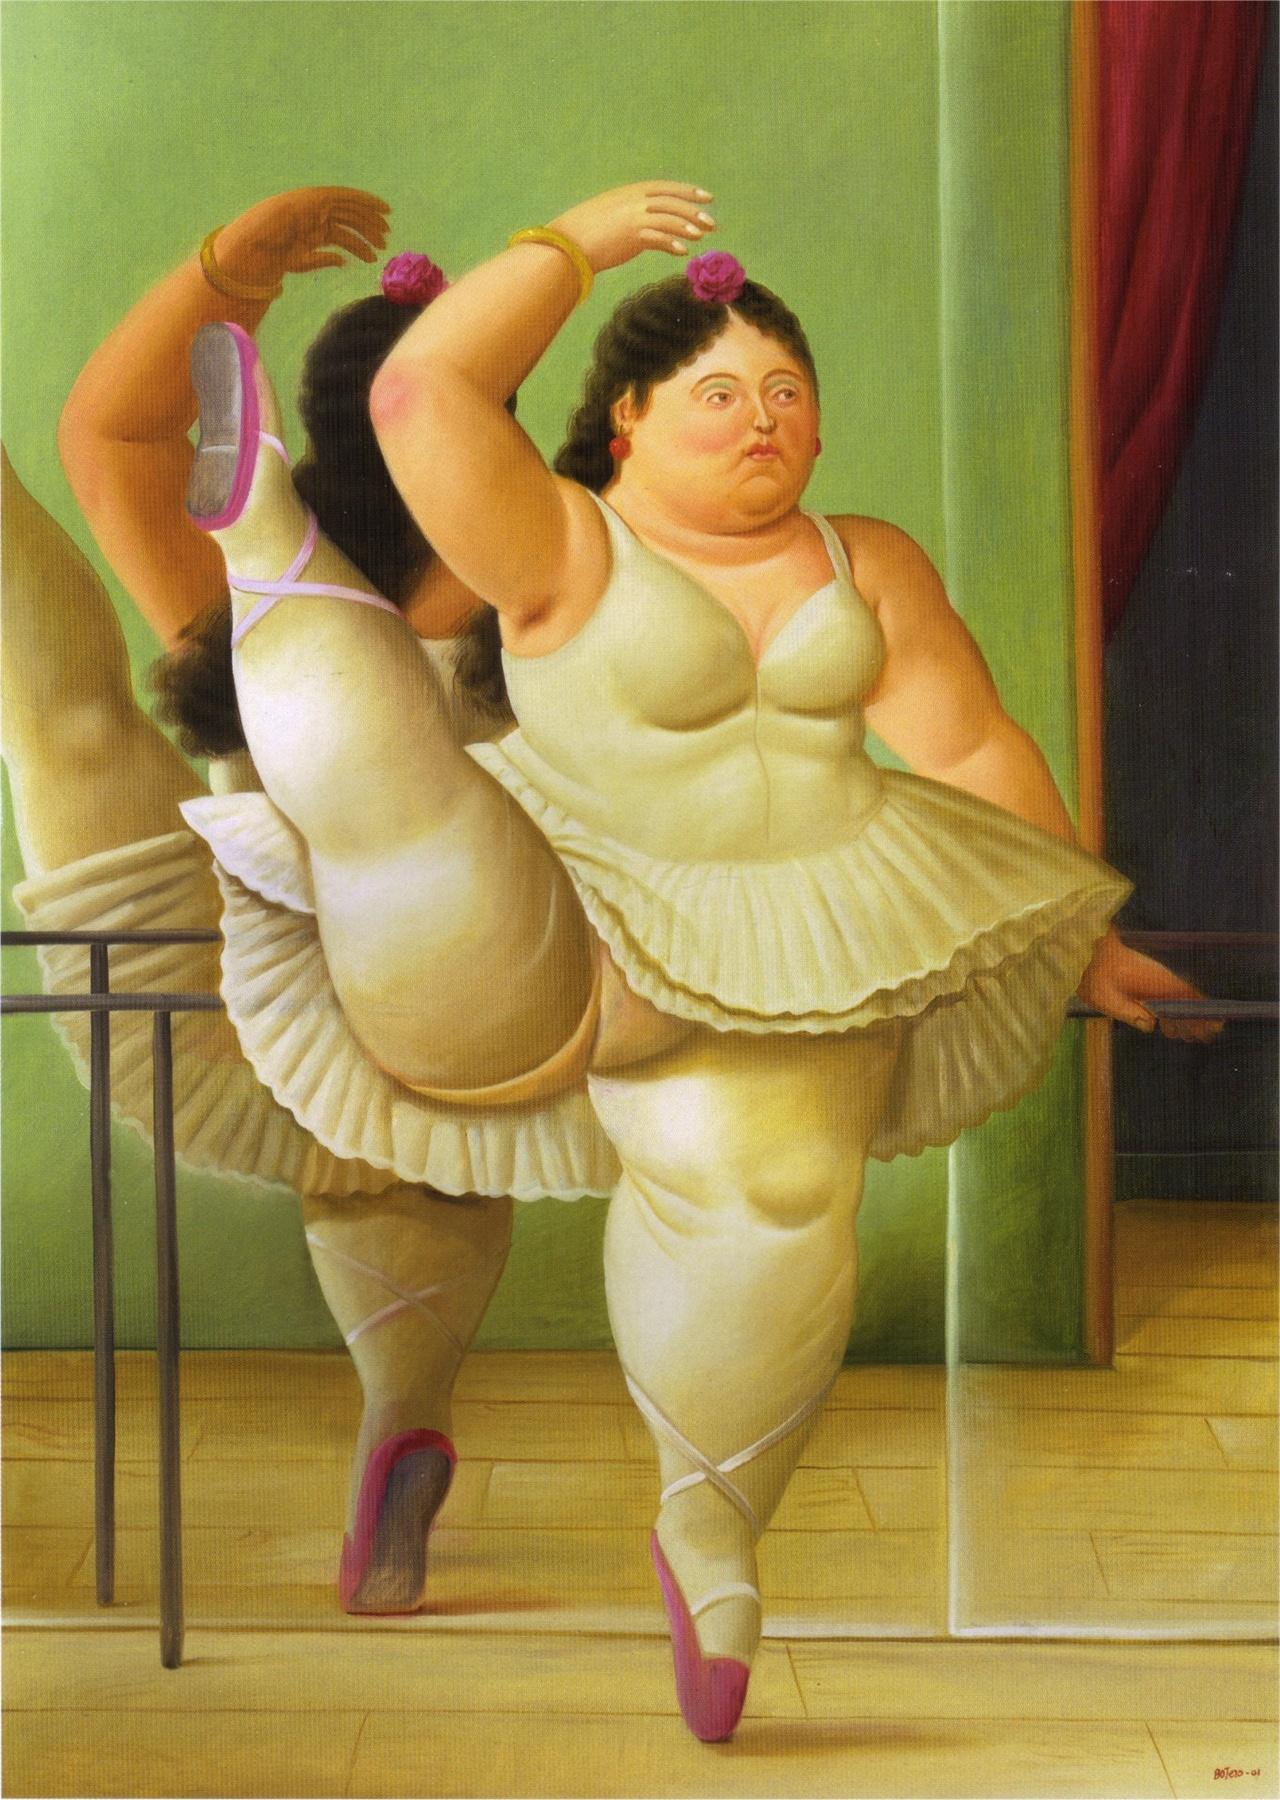 발레리나(페르난도 보테로, 2001,안티오키아박물관)